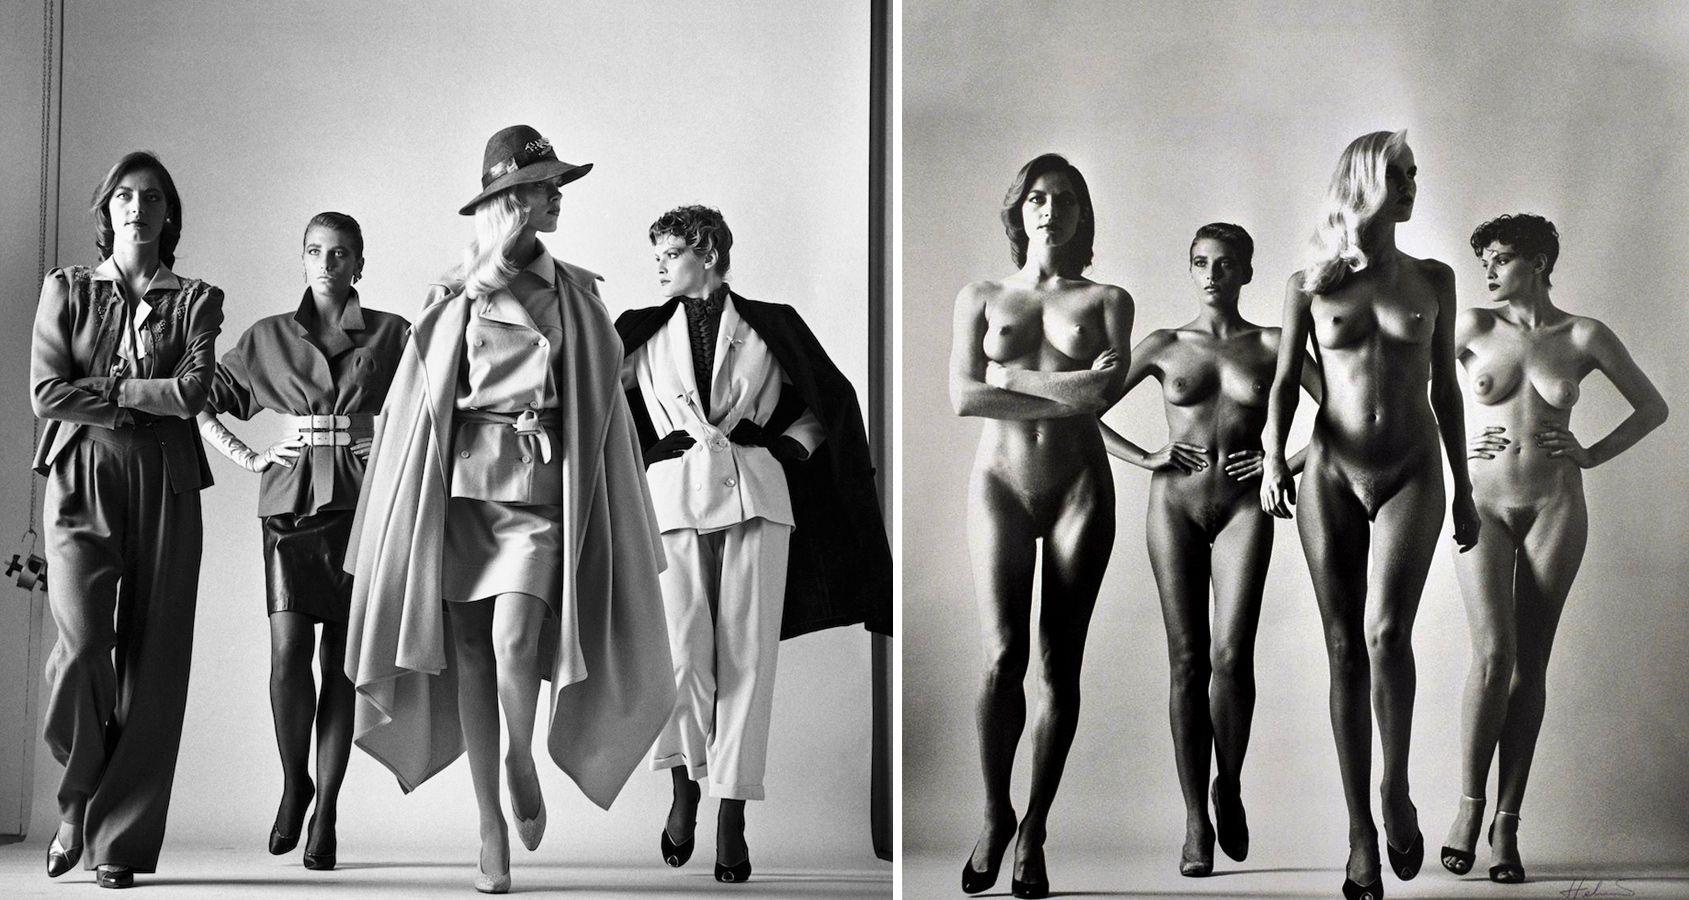 helmut newton / paris 1981